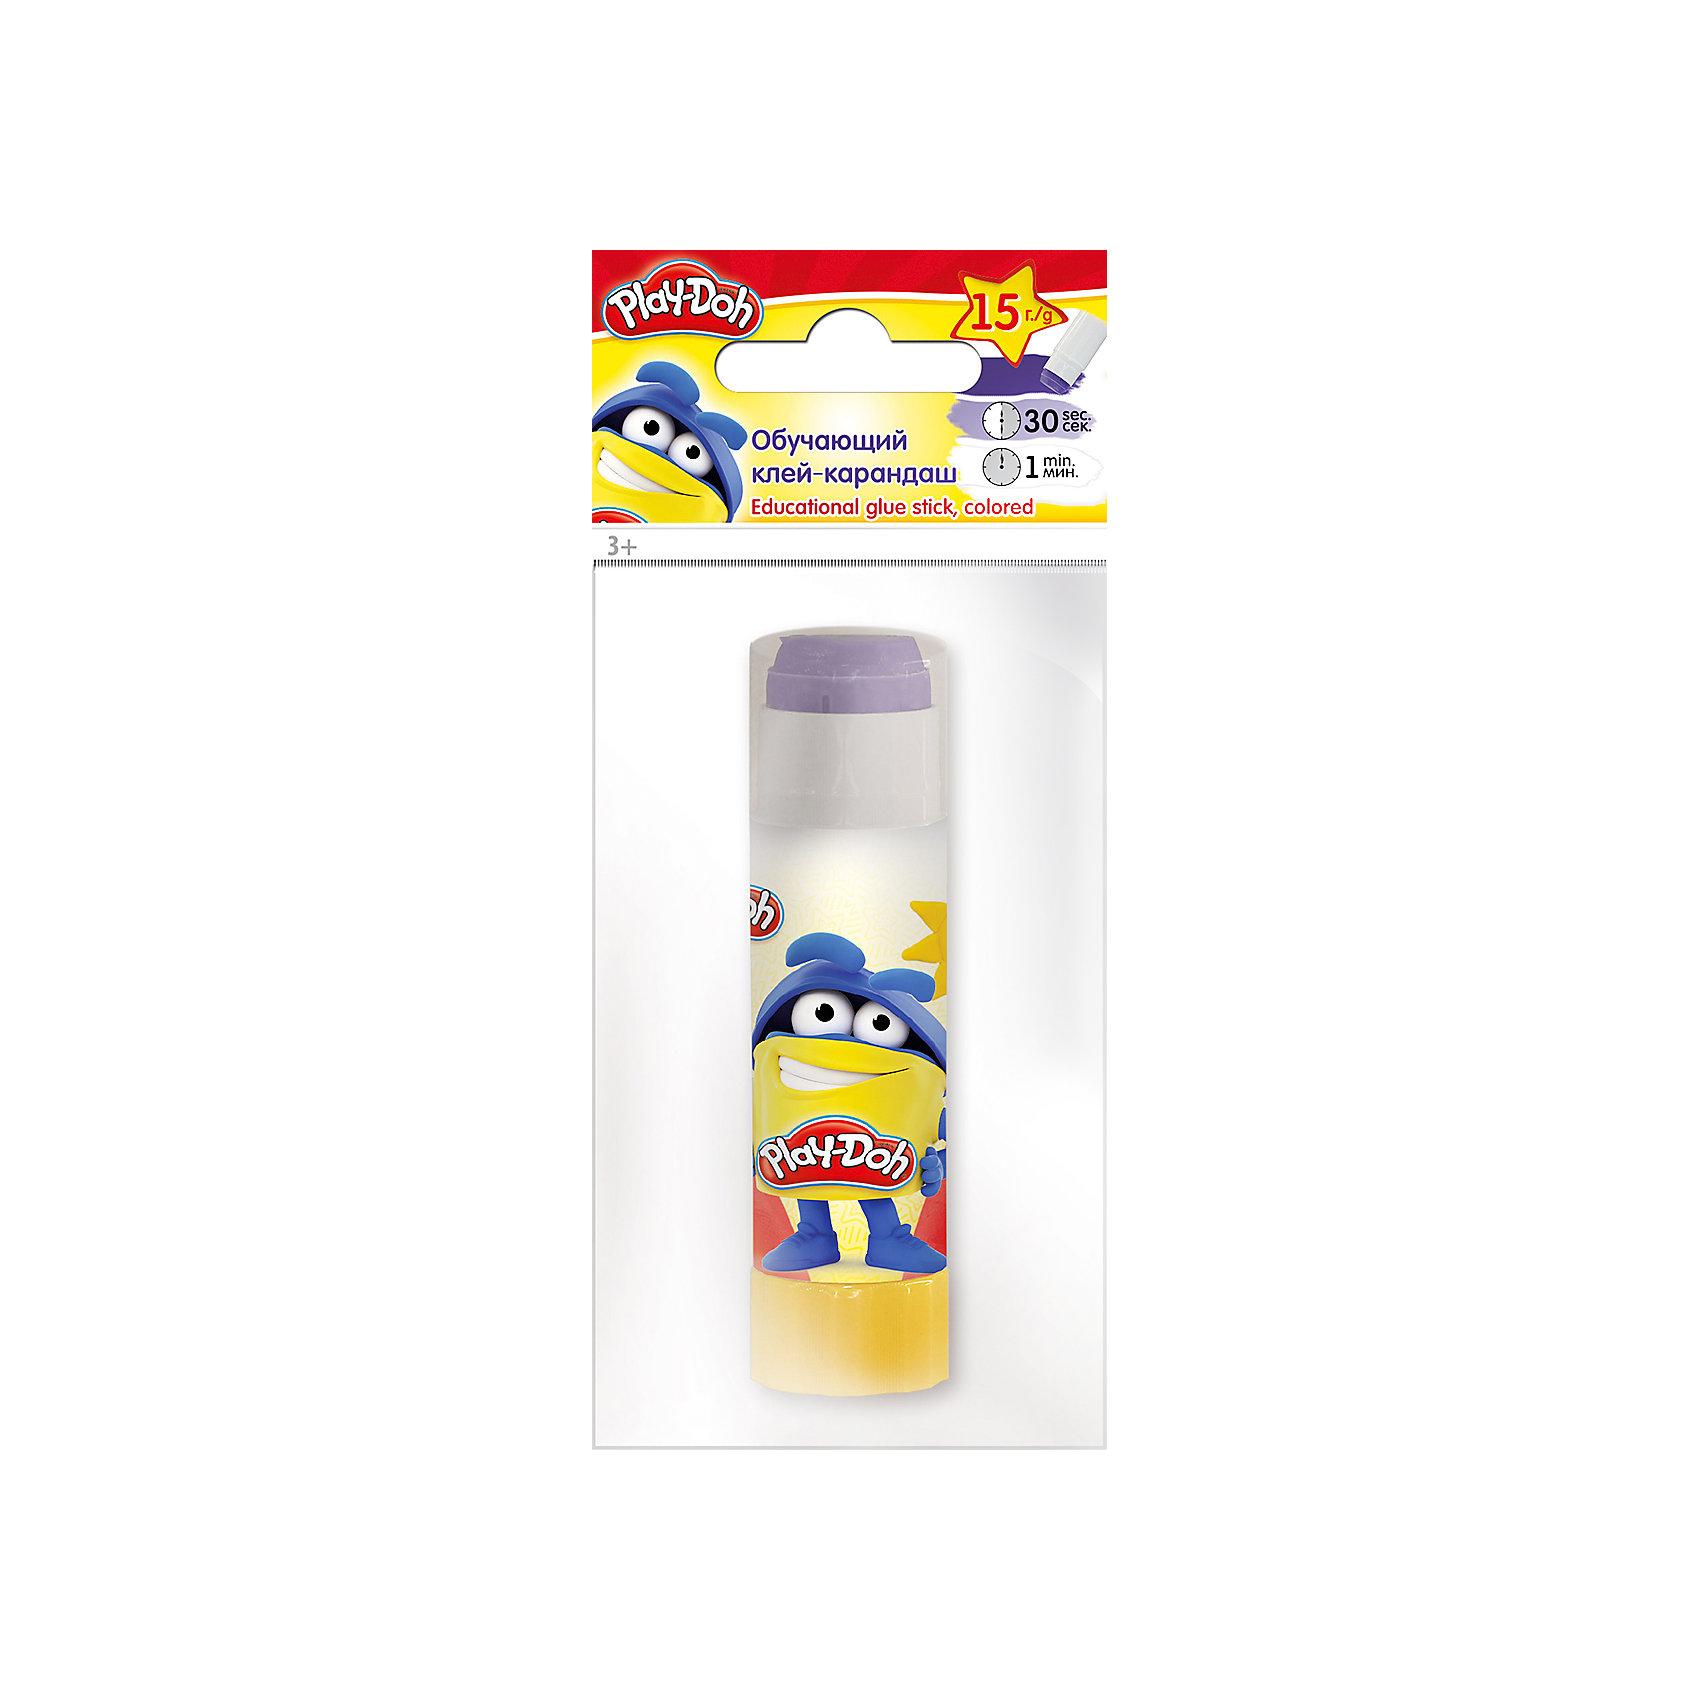 Исчезающий цветной клей-карандаш, Play-DohКлеящий карандаш цветной (исчезающий), на PVP основе, 15 г. Печать на корпусе  полноцветная. Упаковка  ПП пакет с европодвесом. Размер 15 х 6,5 х 2,5 см.Play Doh<br><br>Ширина мм: 150<br>Глубина мм: 65<br>Высота мм: 25<br>Вес г: 32<br>Возраст от месяцев: 36<br>Возраст до месяцев: 108<br>Пол: Унисекс<br>Возраст: Детский<br>SKU: 4614761